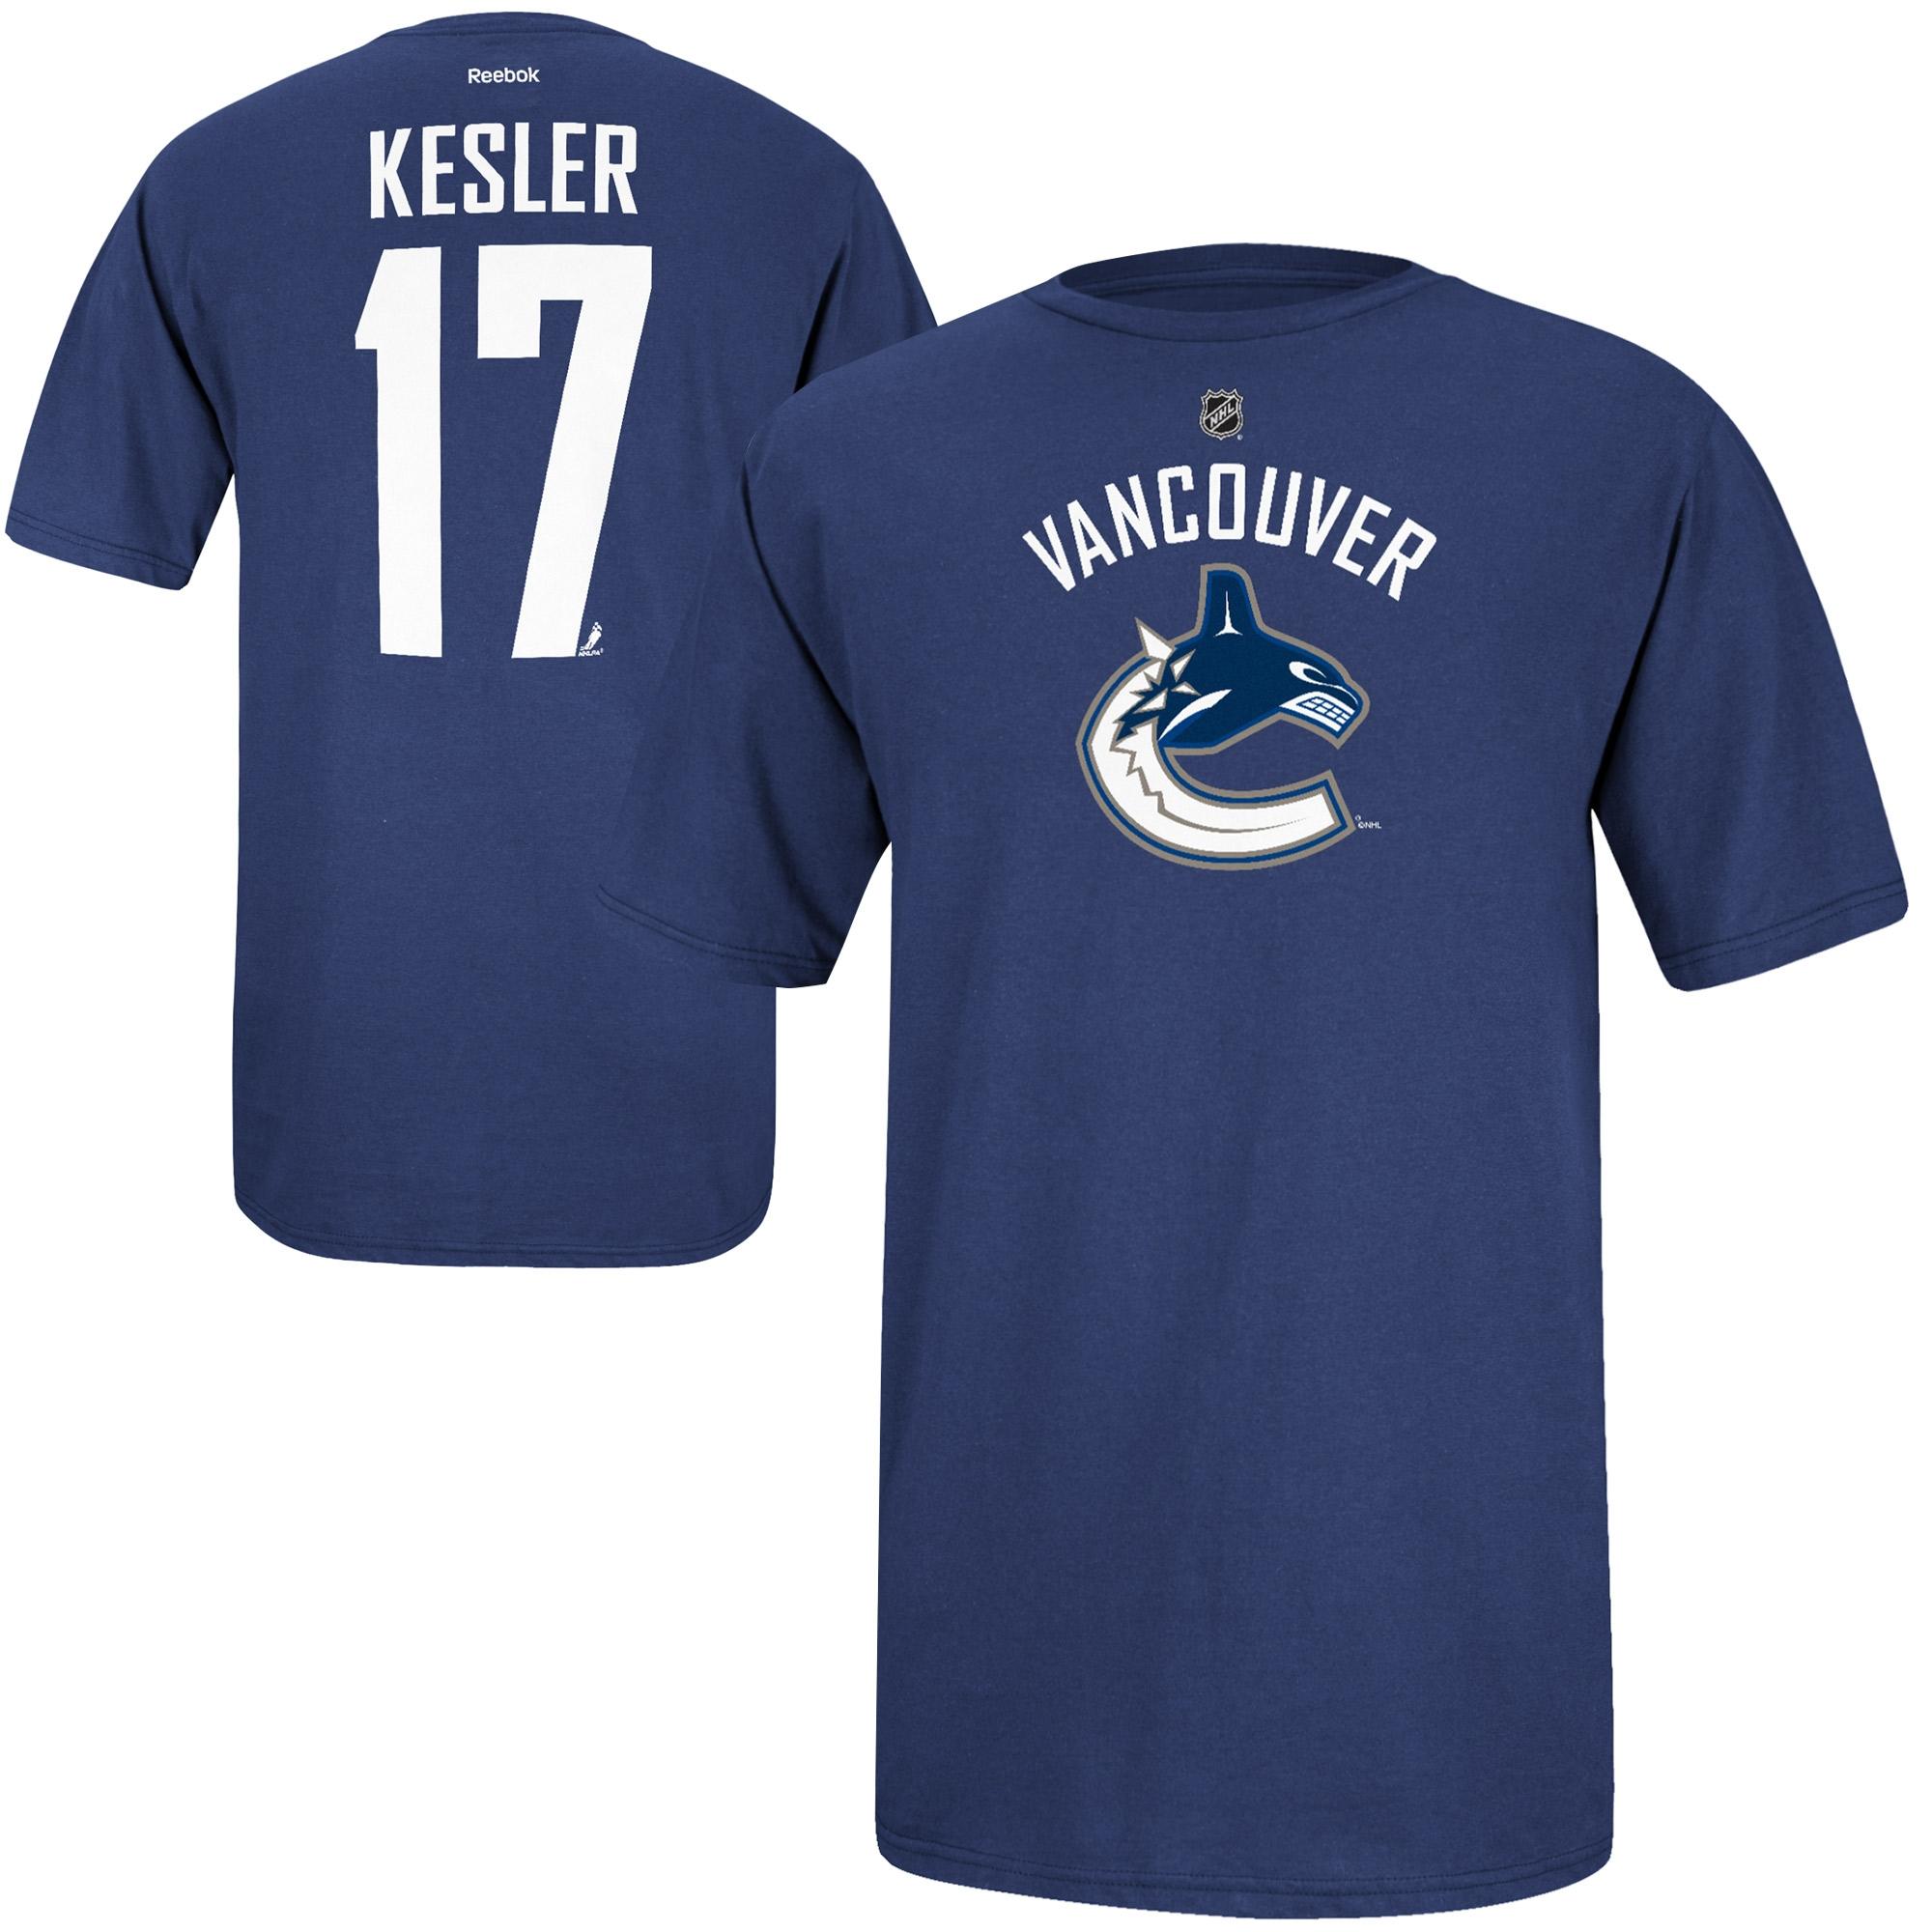 Reebok Dětské tričko Ryan Kesler Vancouver Canucks NHL Name & Number Velikost: Dětské L (11 - 12 let)